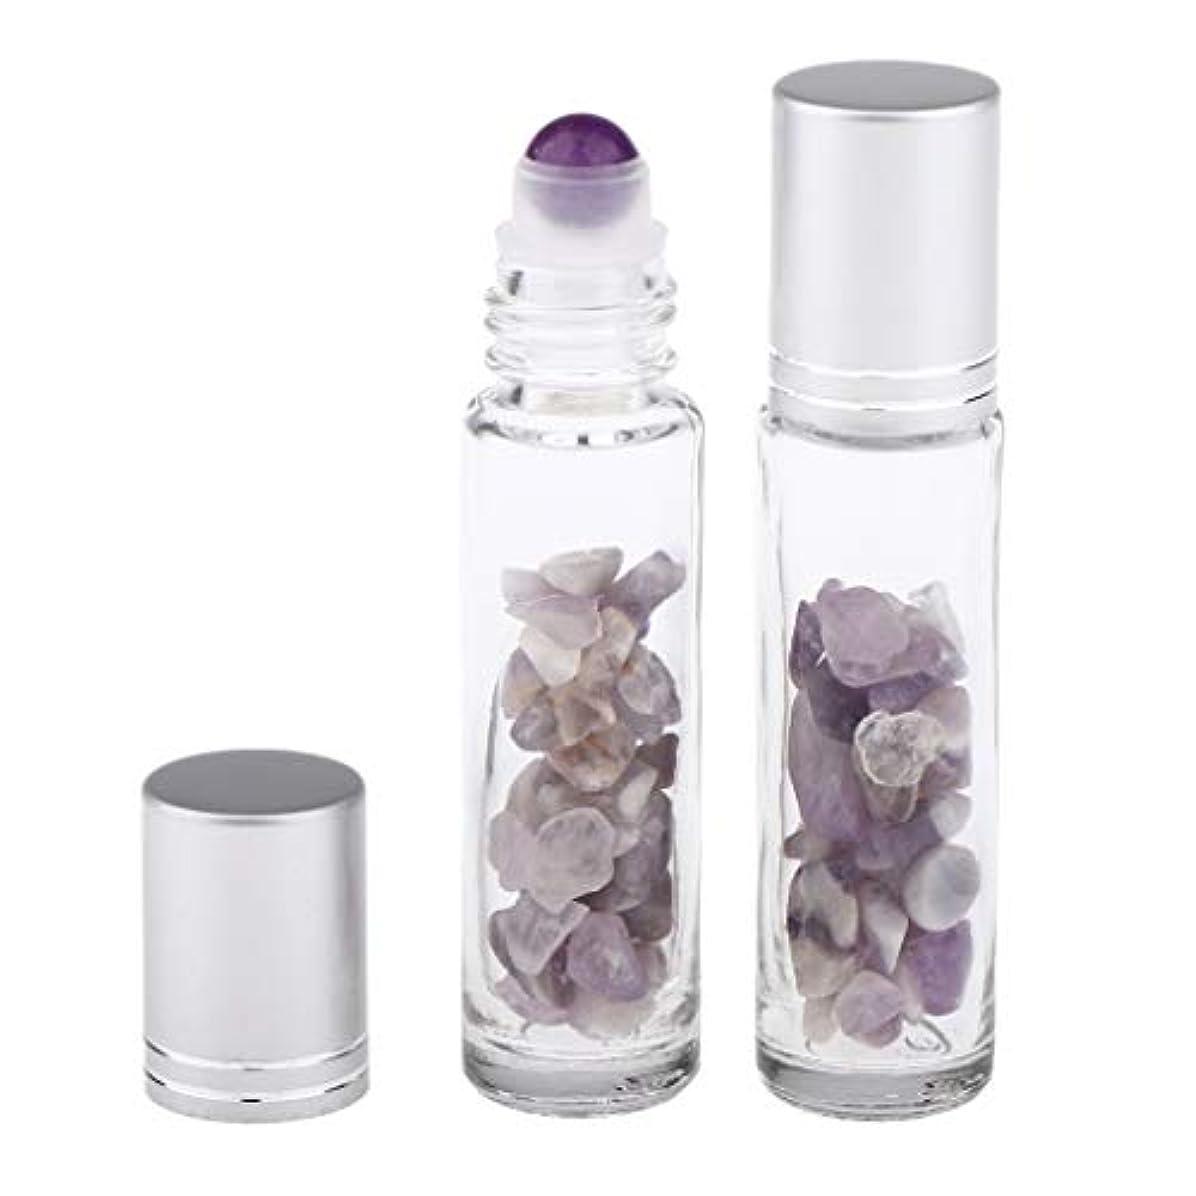 勇気のある流行新着10ml ガラスボトル 香水ボトル 精油瓶 アトマイザー 詰替え ロールオンボトル 天然石 2個 - アメジスト